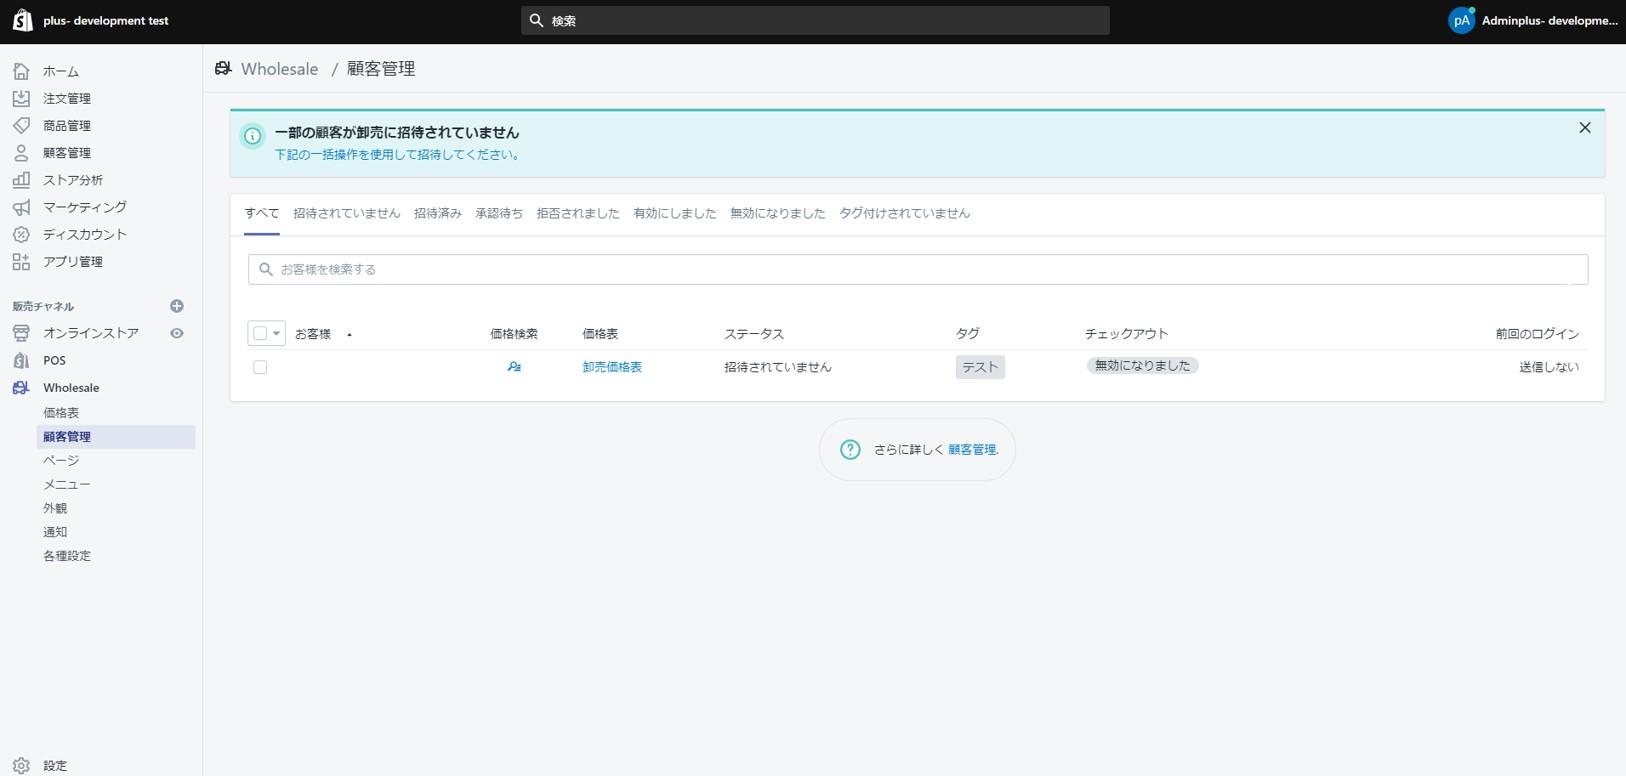 wholesale_顧客管理